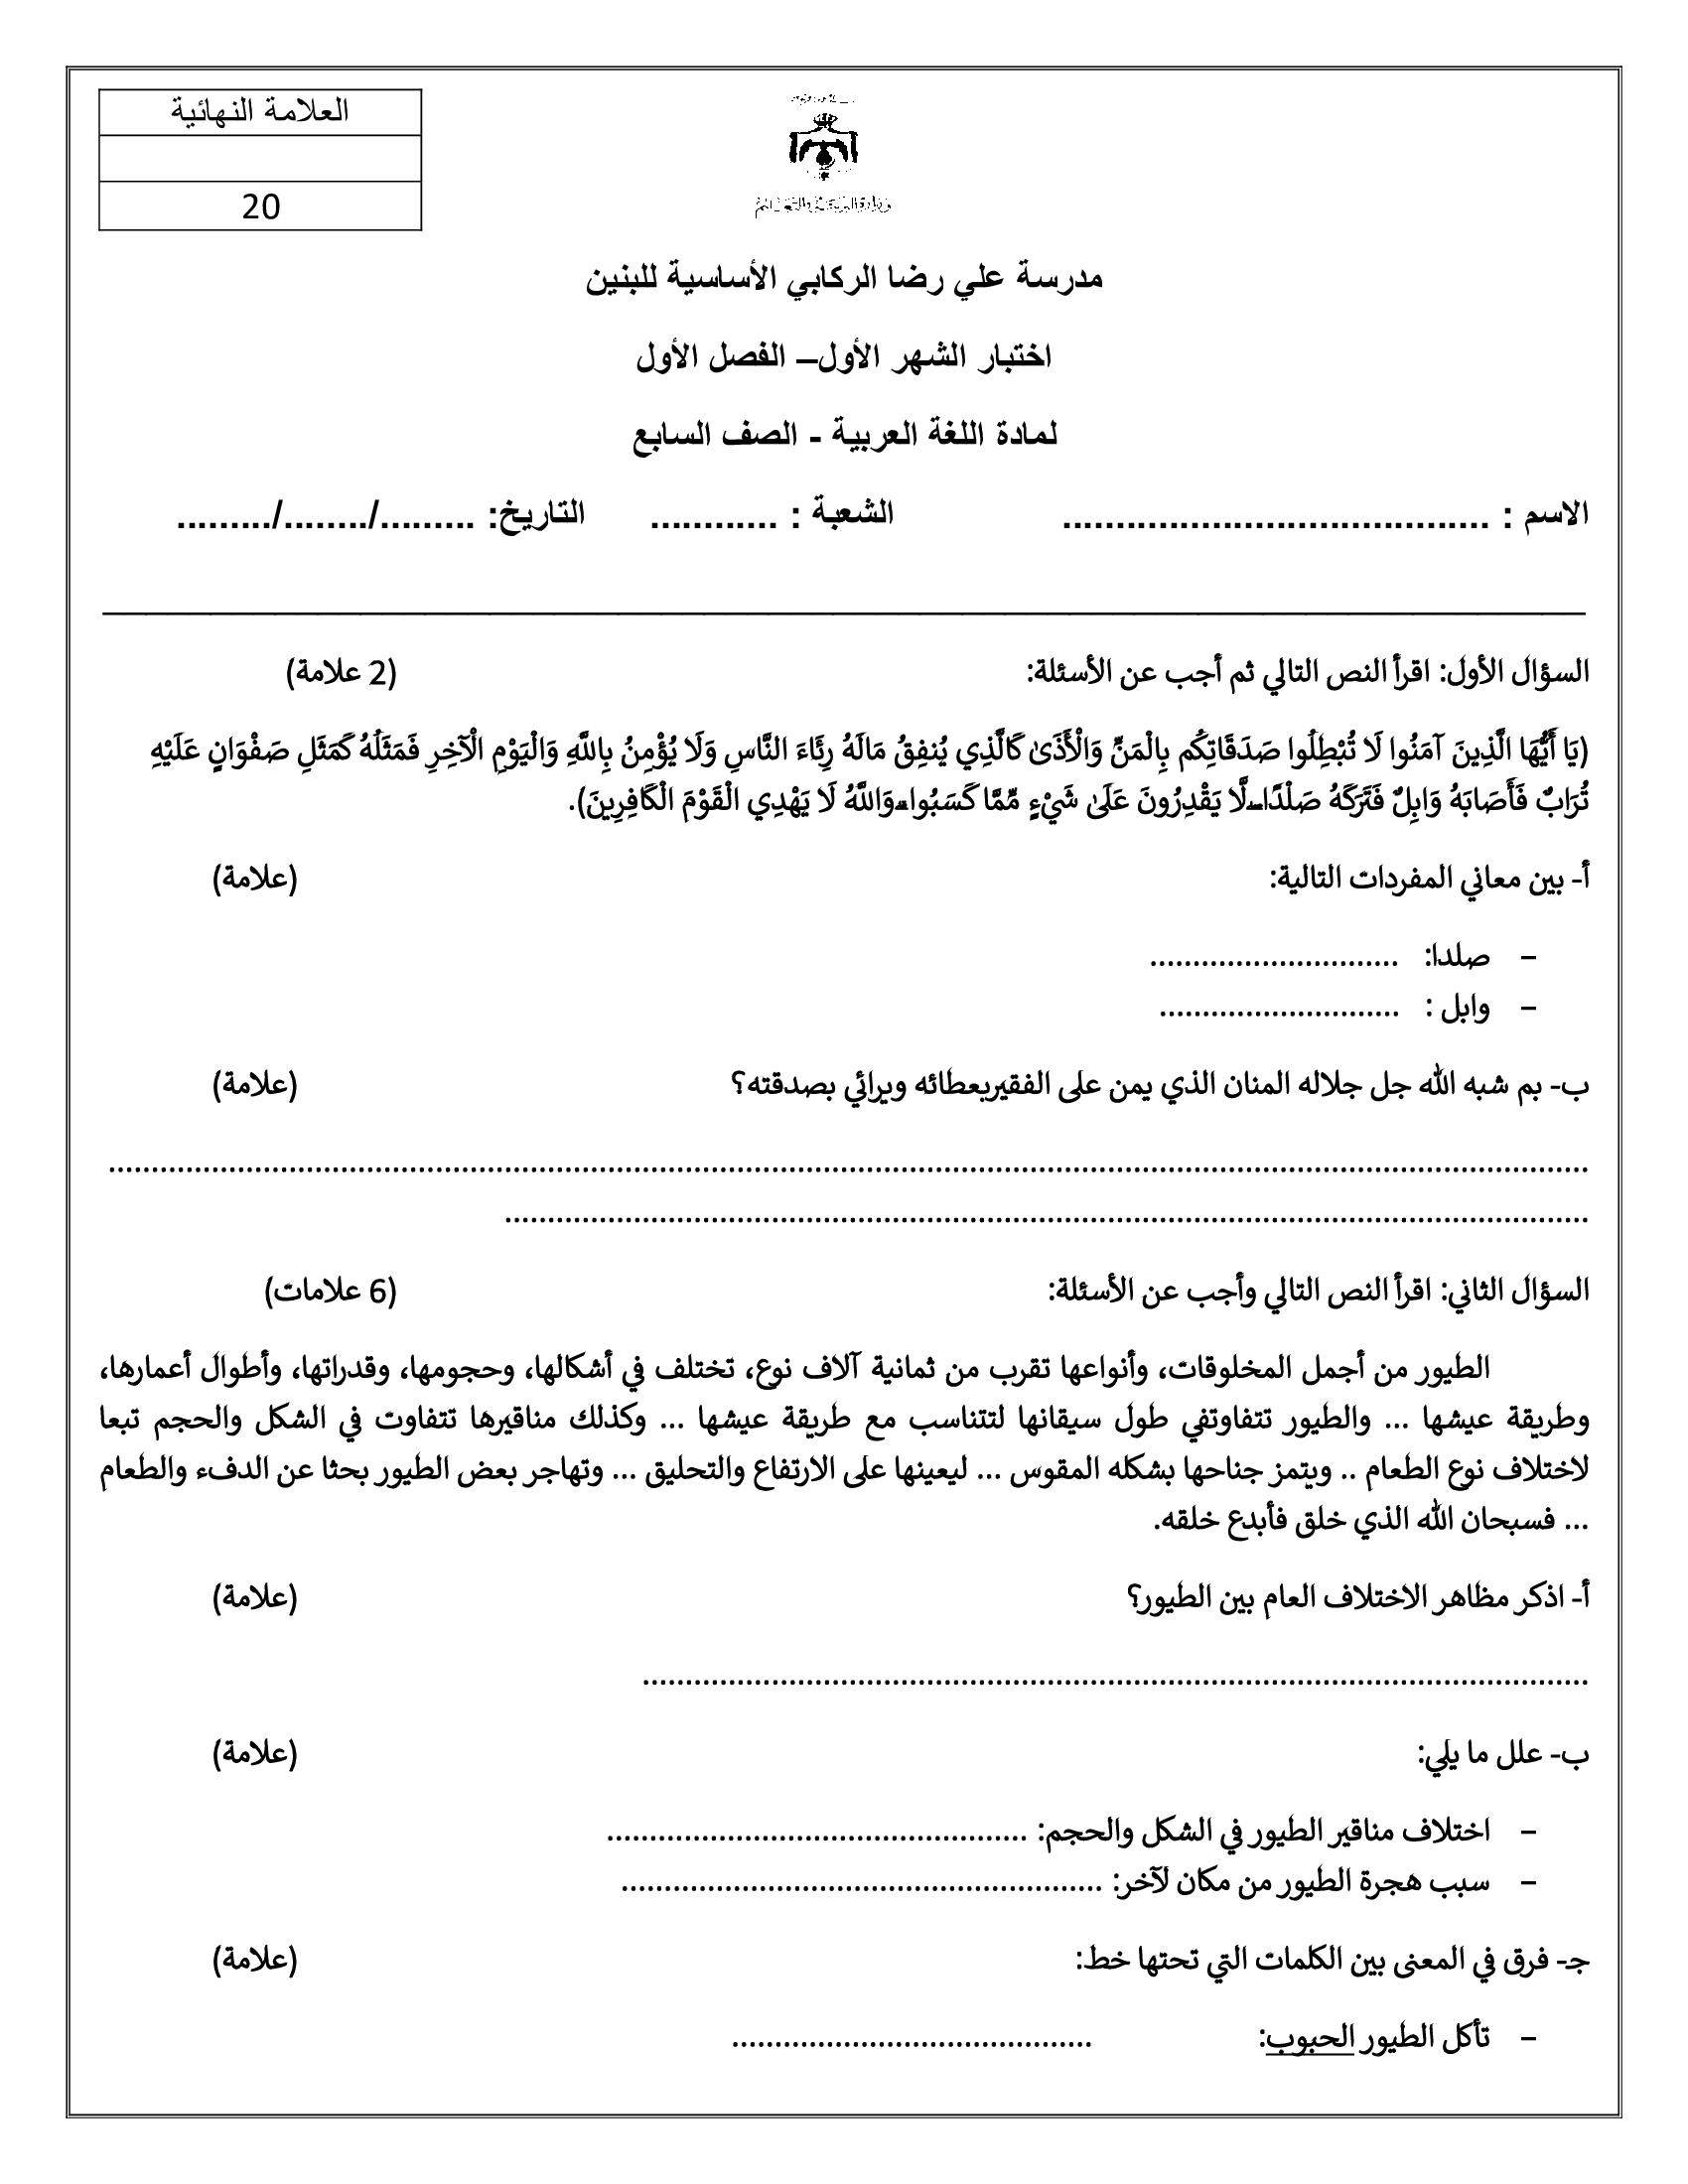 امتحان اللغة العربية الشهر الاول للصف السابع الفصل الاول 2019 الاردن